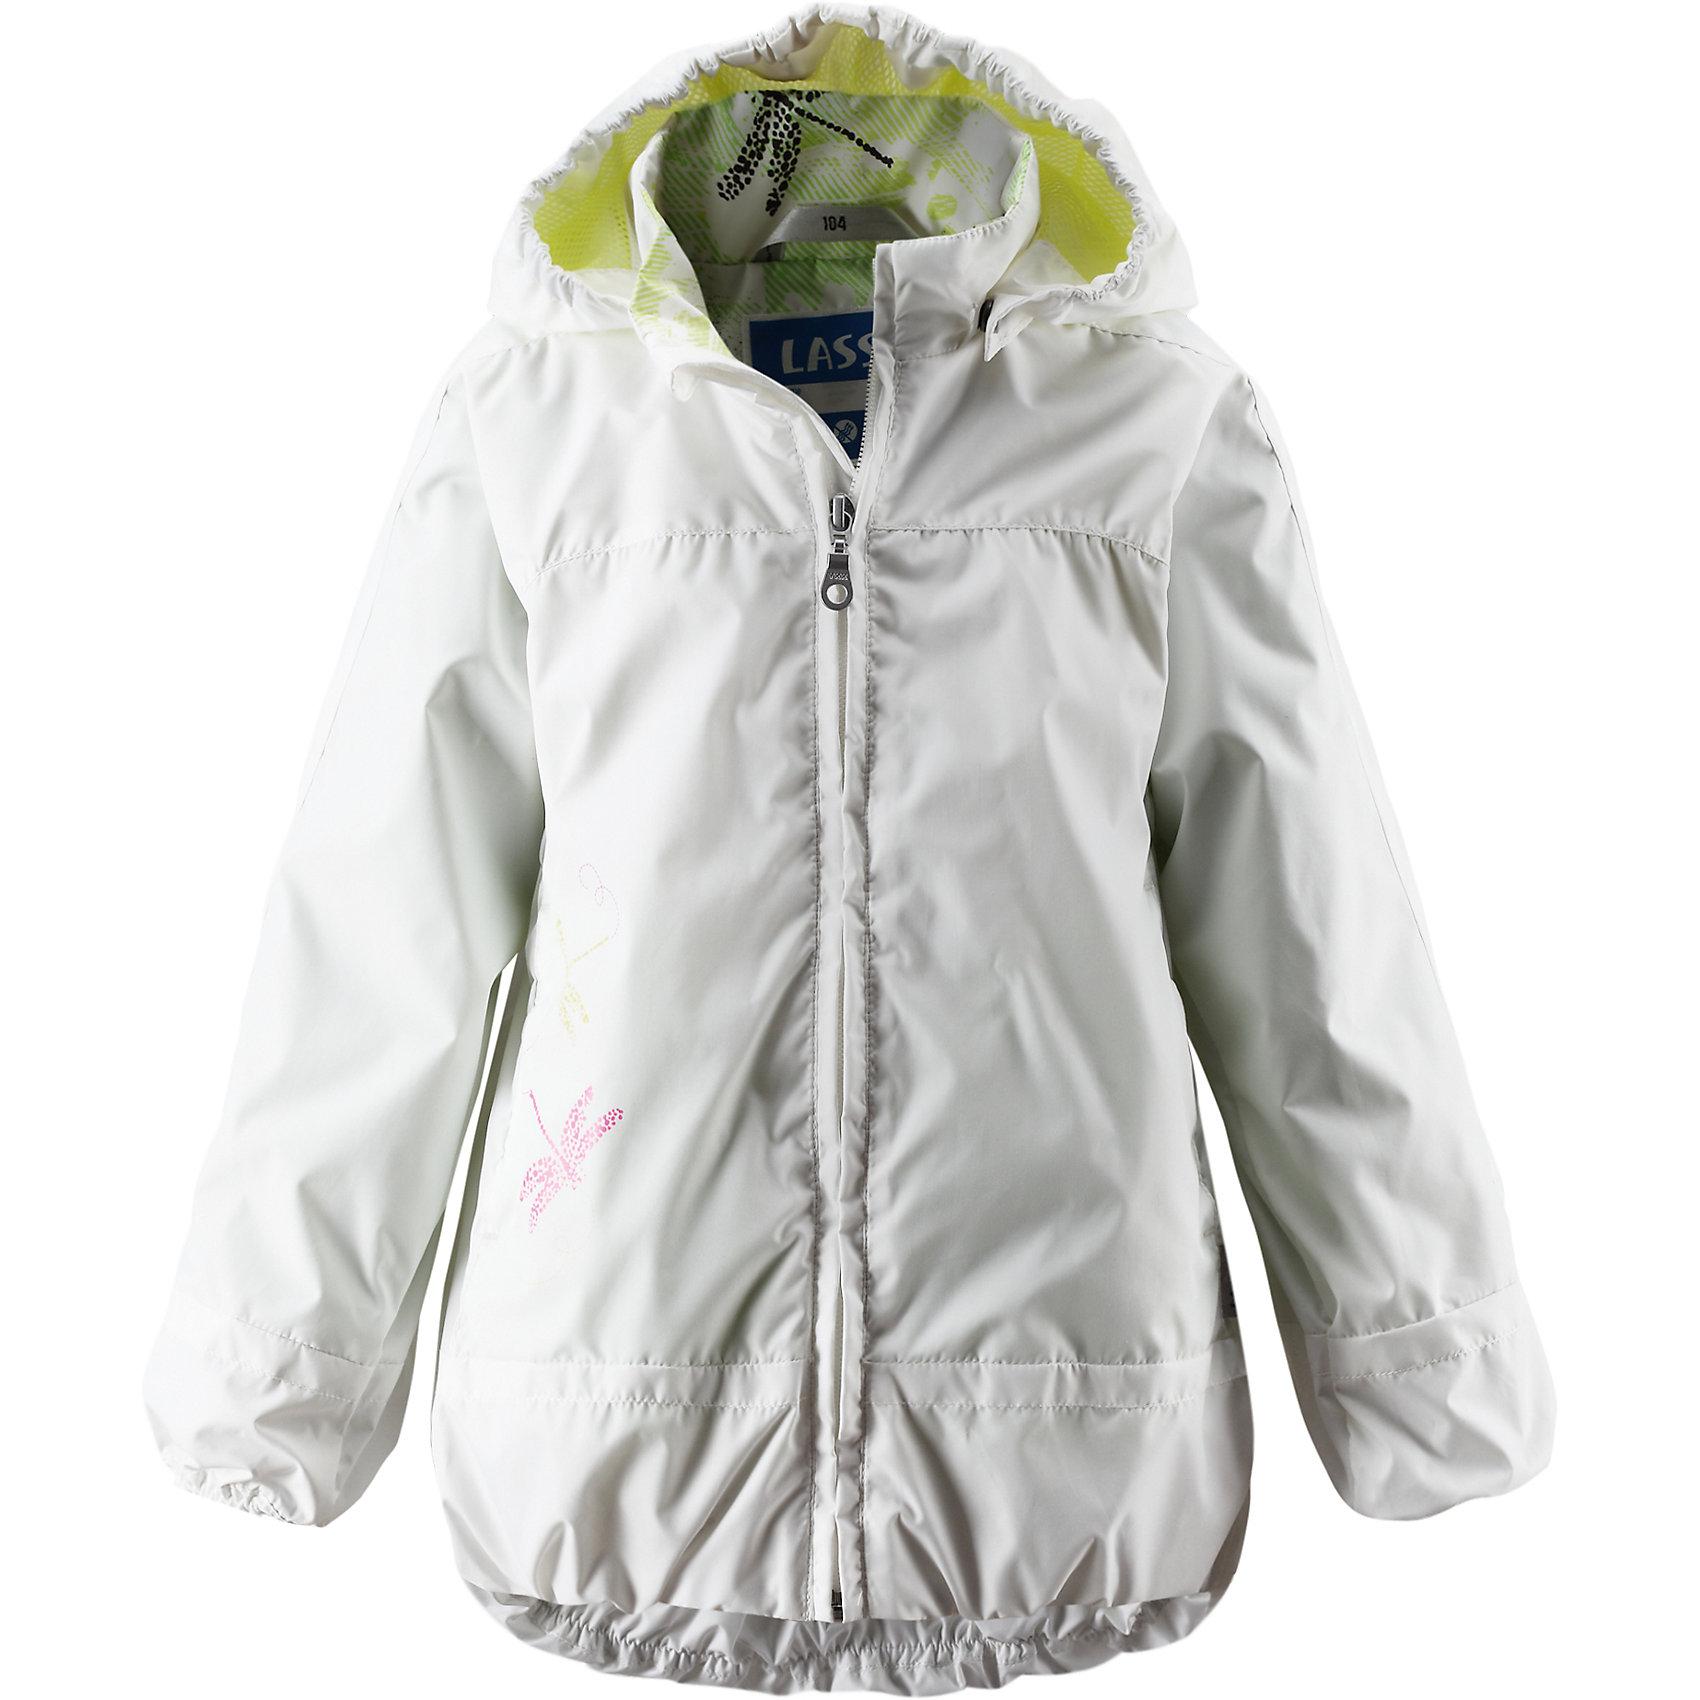 Куртка LASSIEОдежда<br>Куртка LASSIE (Ласси), белый от известного финского производителя  детской одежды Reima. Демисезонная куртка выполнена из полиэстера, который обладает высокой износоустойчивостью, воздухопроницаемыми, водооталкивающими и грязеотталкивающими свойствами. Изделие устойчиво к изменению формы и цвета даже при длительном использовании. Куртка имеет классическую форму: прямой силуэт с чуть присборенным эластичным кантом низом, кант повторяется на рукавах и капюшоне, воротник-стойка, застежка-молния с защитой у подбородка и 2 боковых прорезных кармана на липучках. Куртка имеет полиуретановое покрытие, что делает ее непромокаемой даже в дождливую погоду. Куртка идеально подходит для весенних и осенних прогулок.<br><br>Дополнительная информация:<br><br>- Предназначение: повседневная одежда для прогулок и активного отдыха<br>- Цвет: белый<br>- Пол: для девочки<br>- Состав: 100% полиэстер, полиуретановое покрытие<br>- Сезон: весна-осень (демисезонная)<br>- Особенности ухода: стирать изделие, предварительно вывернув его на левую сторону, не использовать отбеливающие вещества<br><br>Подробнее:<br><br>• Для детей в возрасте: от 2 лет и до 3 лет<br>• Страна производитель: Китай<br>• Торговый бренд: Reima, Финляндия<br><br>Куртку LASSIE (Ласси), белый можно купить в нашем интернет-магазине.<br><br>Ширина мм: 356<br>Глубина мм: 10<br>Высота мм: 245<br>Вес г: 519<br>Цвет: белый<br>Возраст от месяцев: 24<br>Возраст до месяцев: 36<br>Пол: Унисекс<br>Возраст: Детский<br>Размер: 98,104,116,110,122,128,134,92,140<br>SKU: 4869792